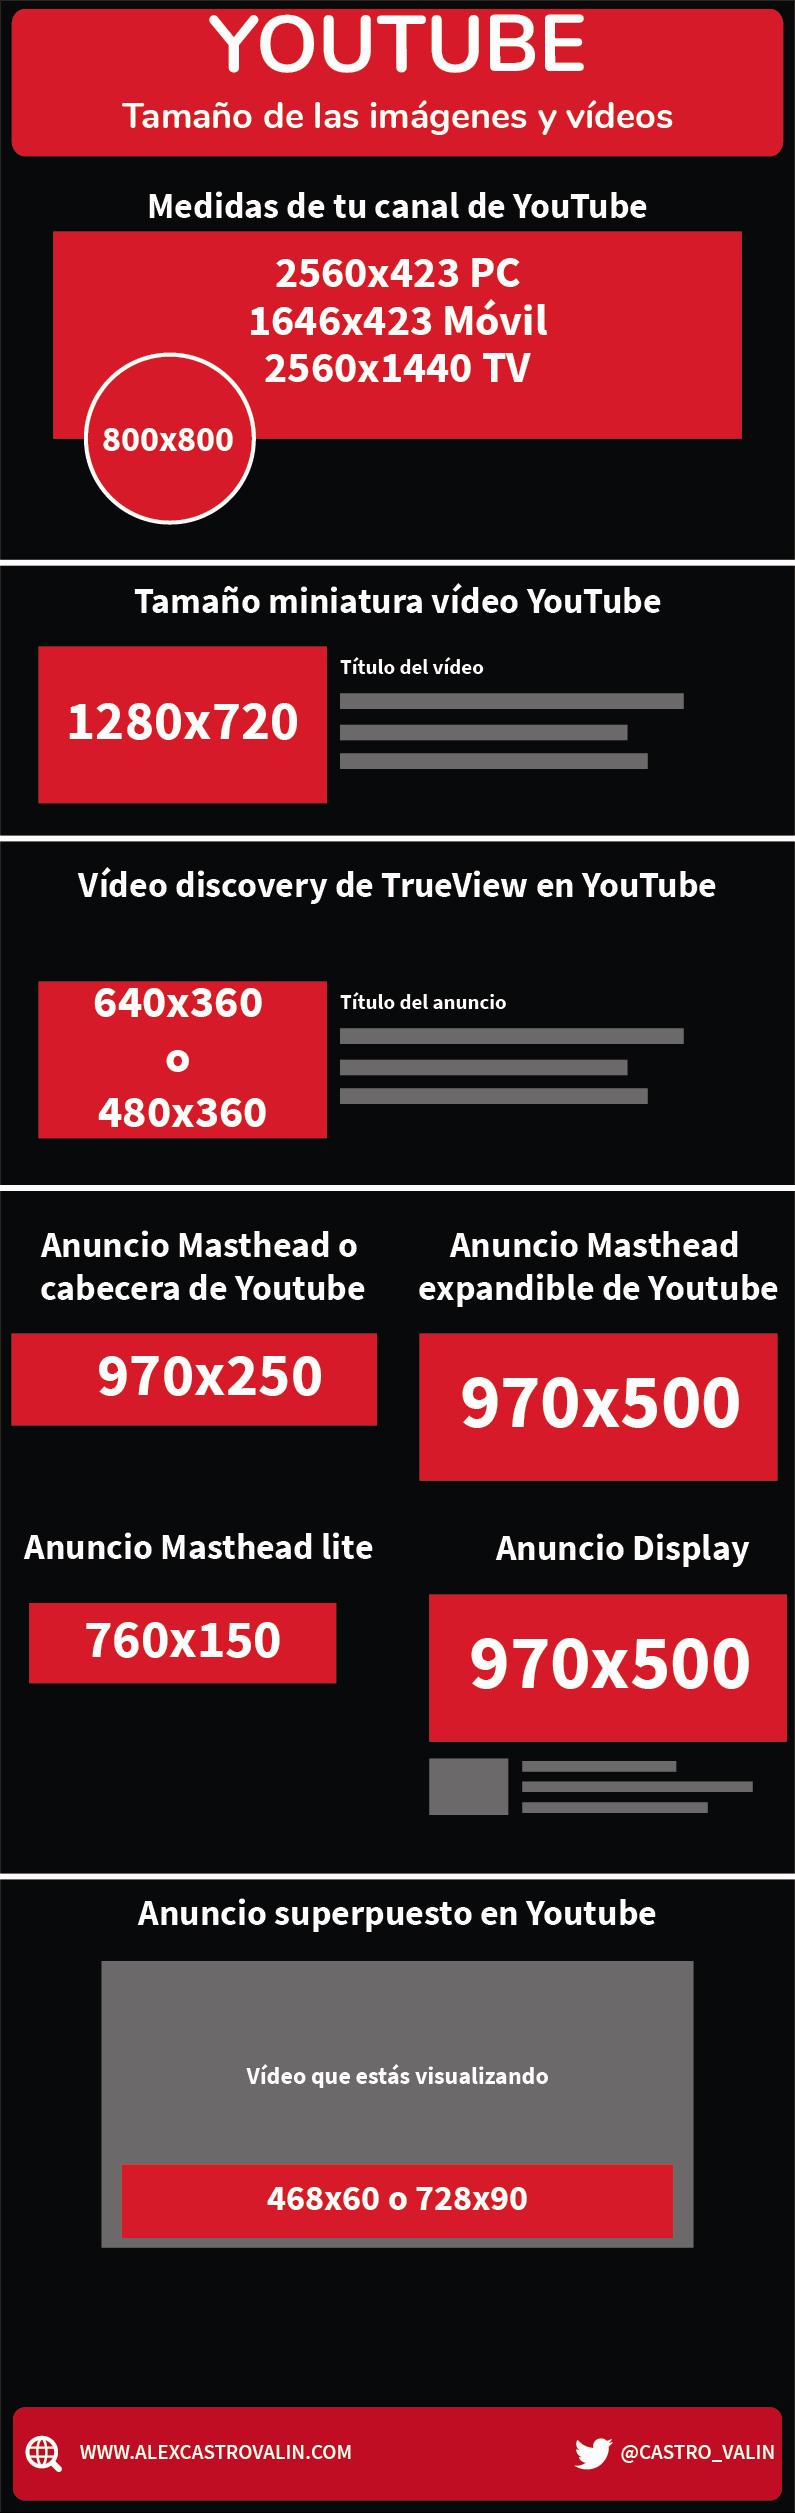 Infografia - Tamaño y medidas de las imágenes para redes sociales en 2021 + Medidas de Publicidad